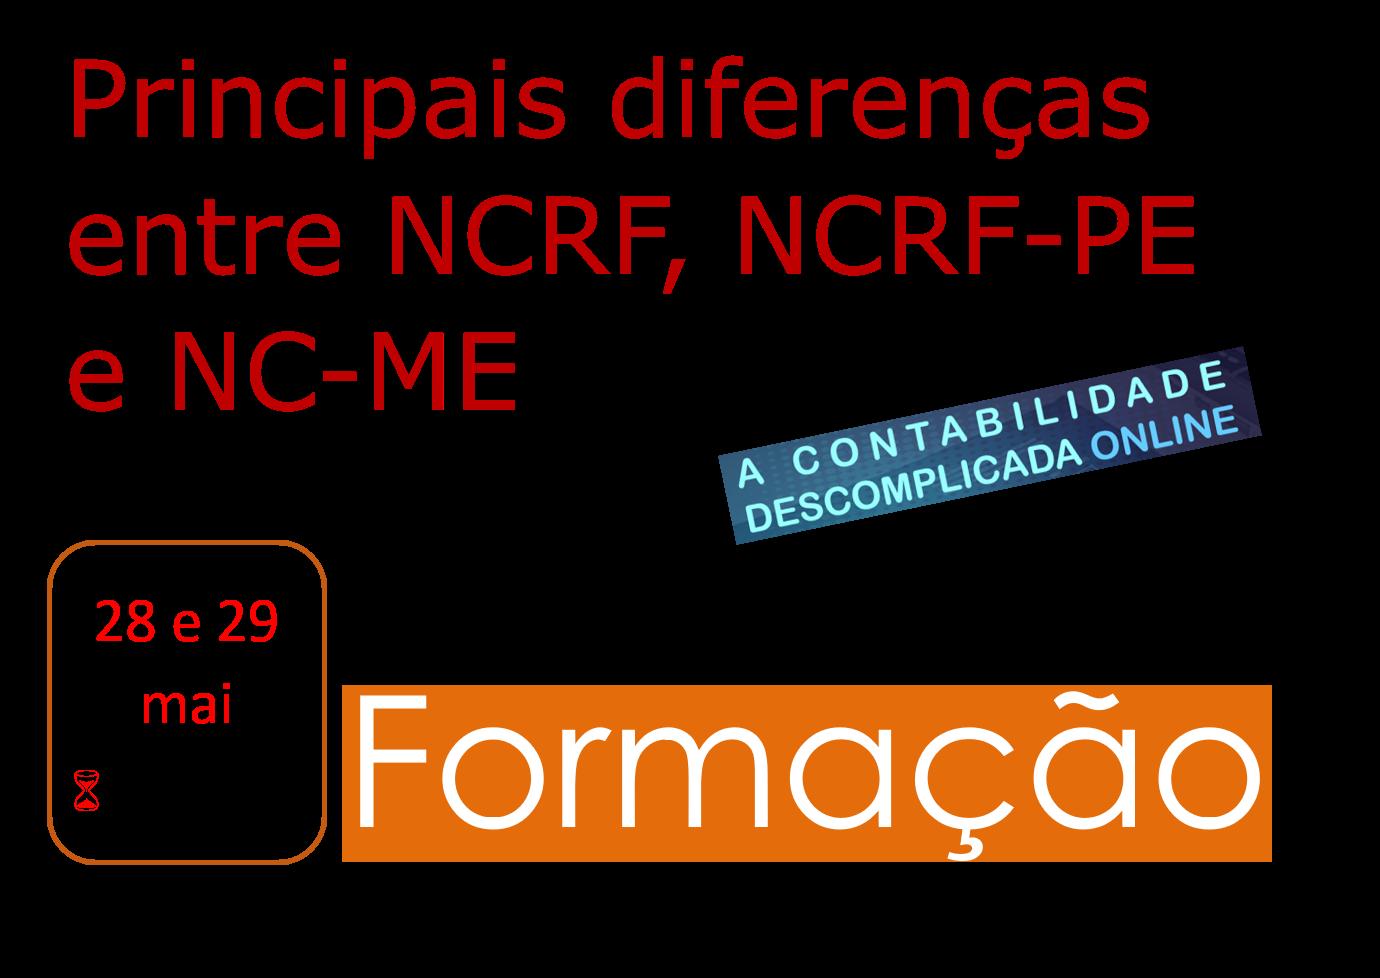 Principais diferenças entre NCRF, NCRF-PE e NC-ME - 28 e 29/mai